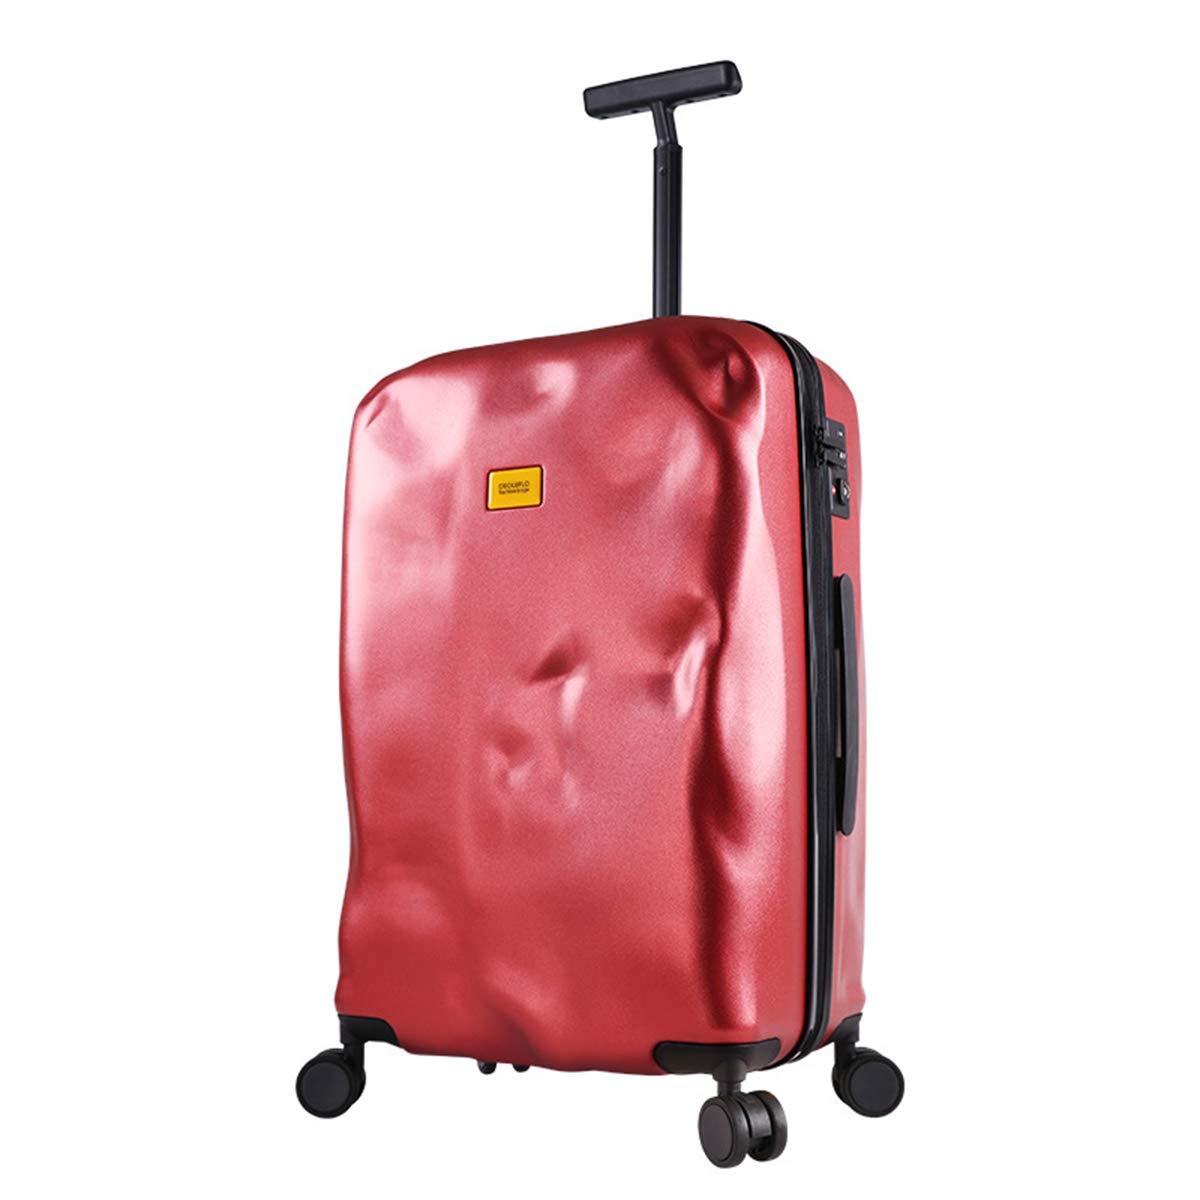 スーツケース、機内持ち込み手荷物箱軽量360度スピナー/TSA 認定/キャビン (22~24 インチ),red,24inches B07Q275QRY red 24inches